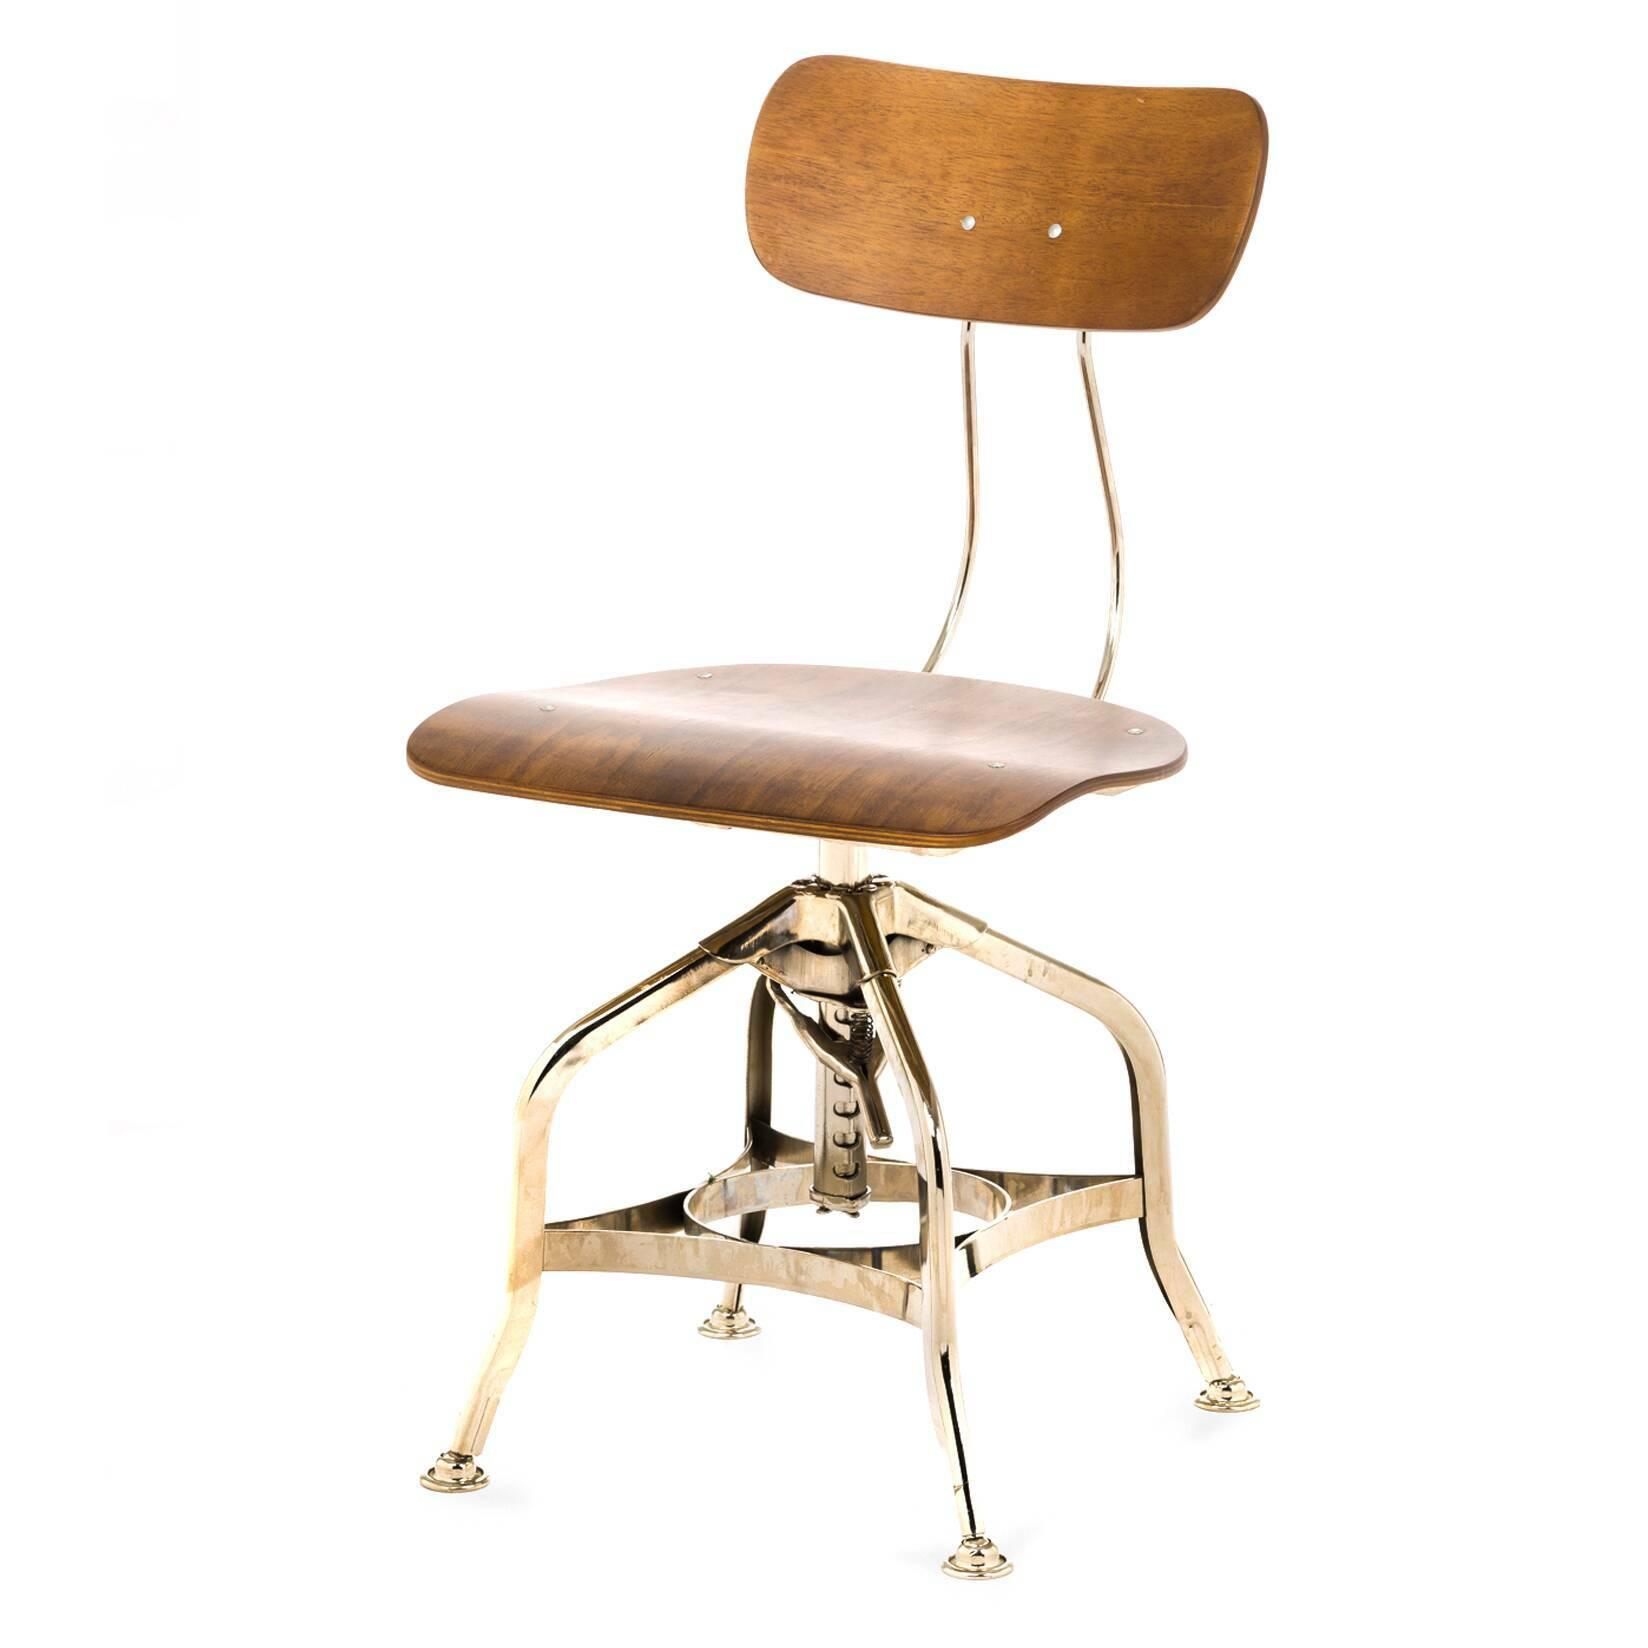 Стул ToledoИнтерьерные<br>Дизайнерский деревянный стул Toledo (Толедо) с регулировкой высоты от Cosmo (Космо).<br><br> Cтул Toledo 1920 года — прекрасный элемент интерьера в индустриальном стиле. Предмет функционален и лаконичен, при всей своей непритязательности он может стать выразительным акцентом, придав пространству особую атмосферу.<br><br><br> Сиденье и спинка изготовлены из натурального клена и имеют плавные эргономичные изгибы, специальный механизм позволяет менять высоту спинки. Хитрая система ножек из стали напомина...<br><br>stock: 60<br>Высота: 80<br>Высота сиденья: 42-53<br>Ширина: 42<br>Глубина: 48<br>Тип материала каркаса: Сталь<br>Материал сидения: Фанера, шпон гевеи<br>Цвет сидения: Коричневый<br>Тип материала сидения: Дерево<br>Цвет каркаса: Никель